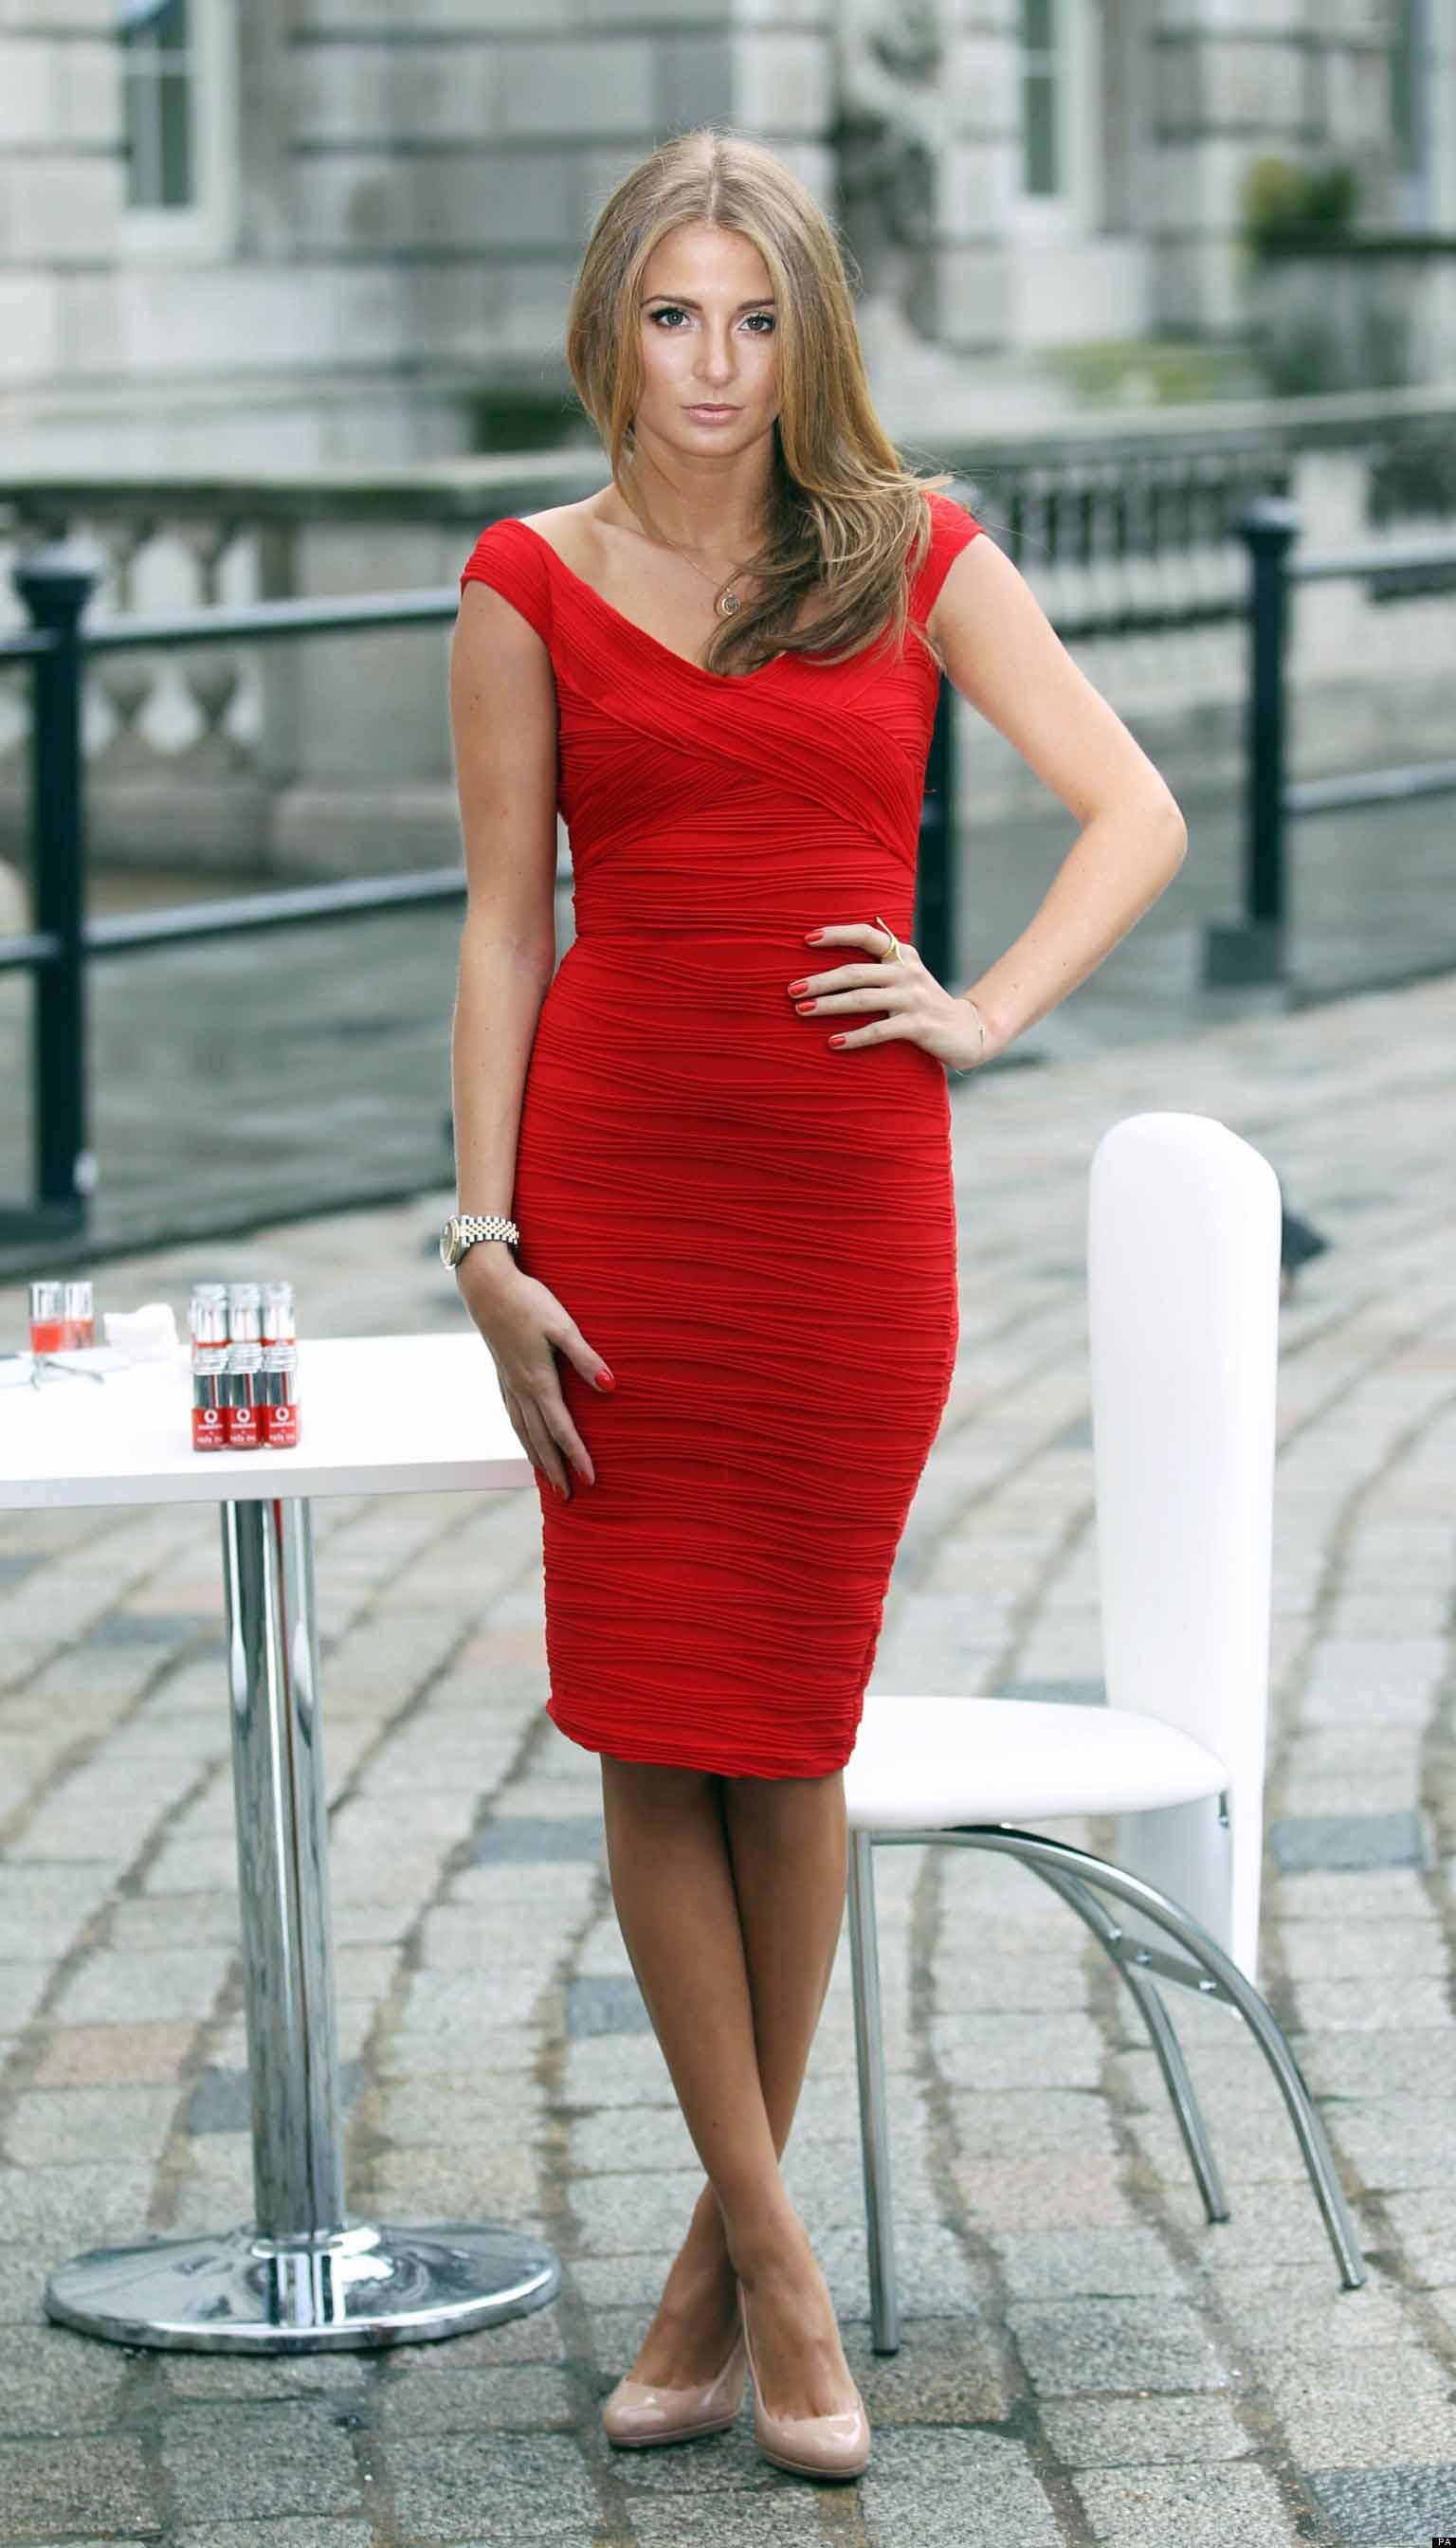 Millie mackintosh red color dress photos